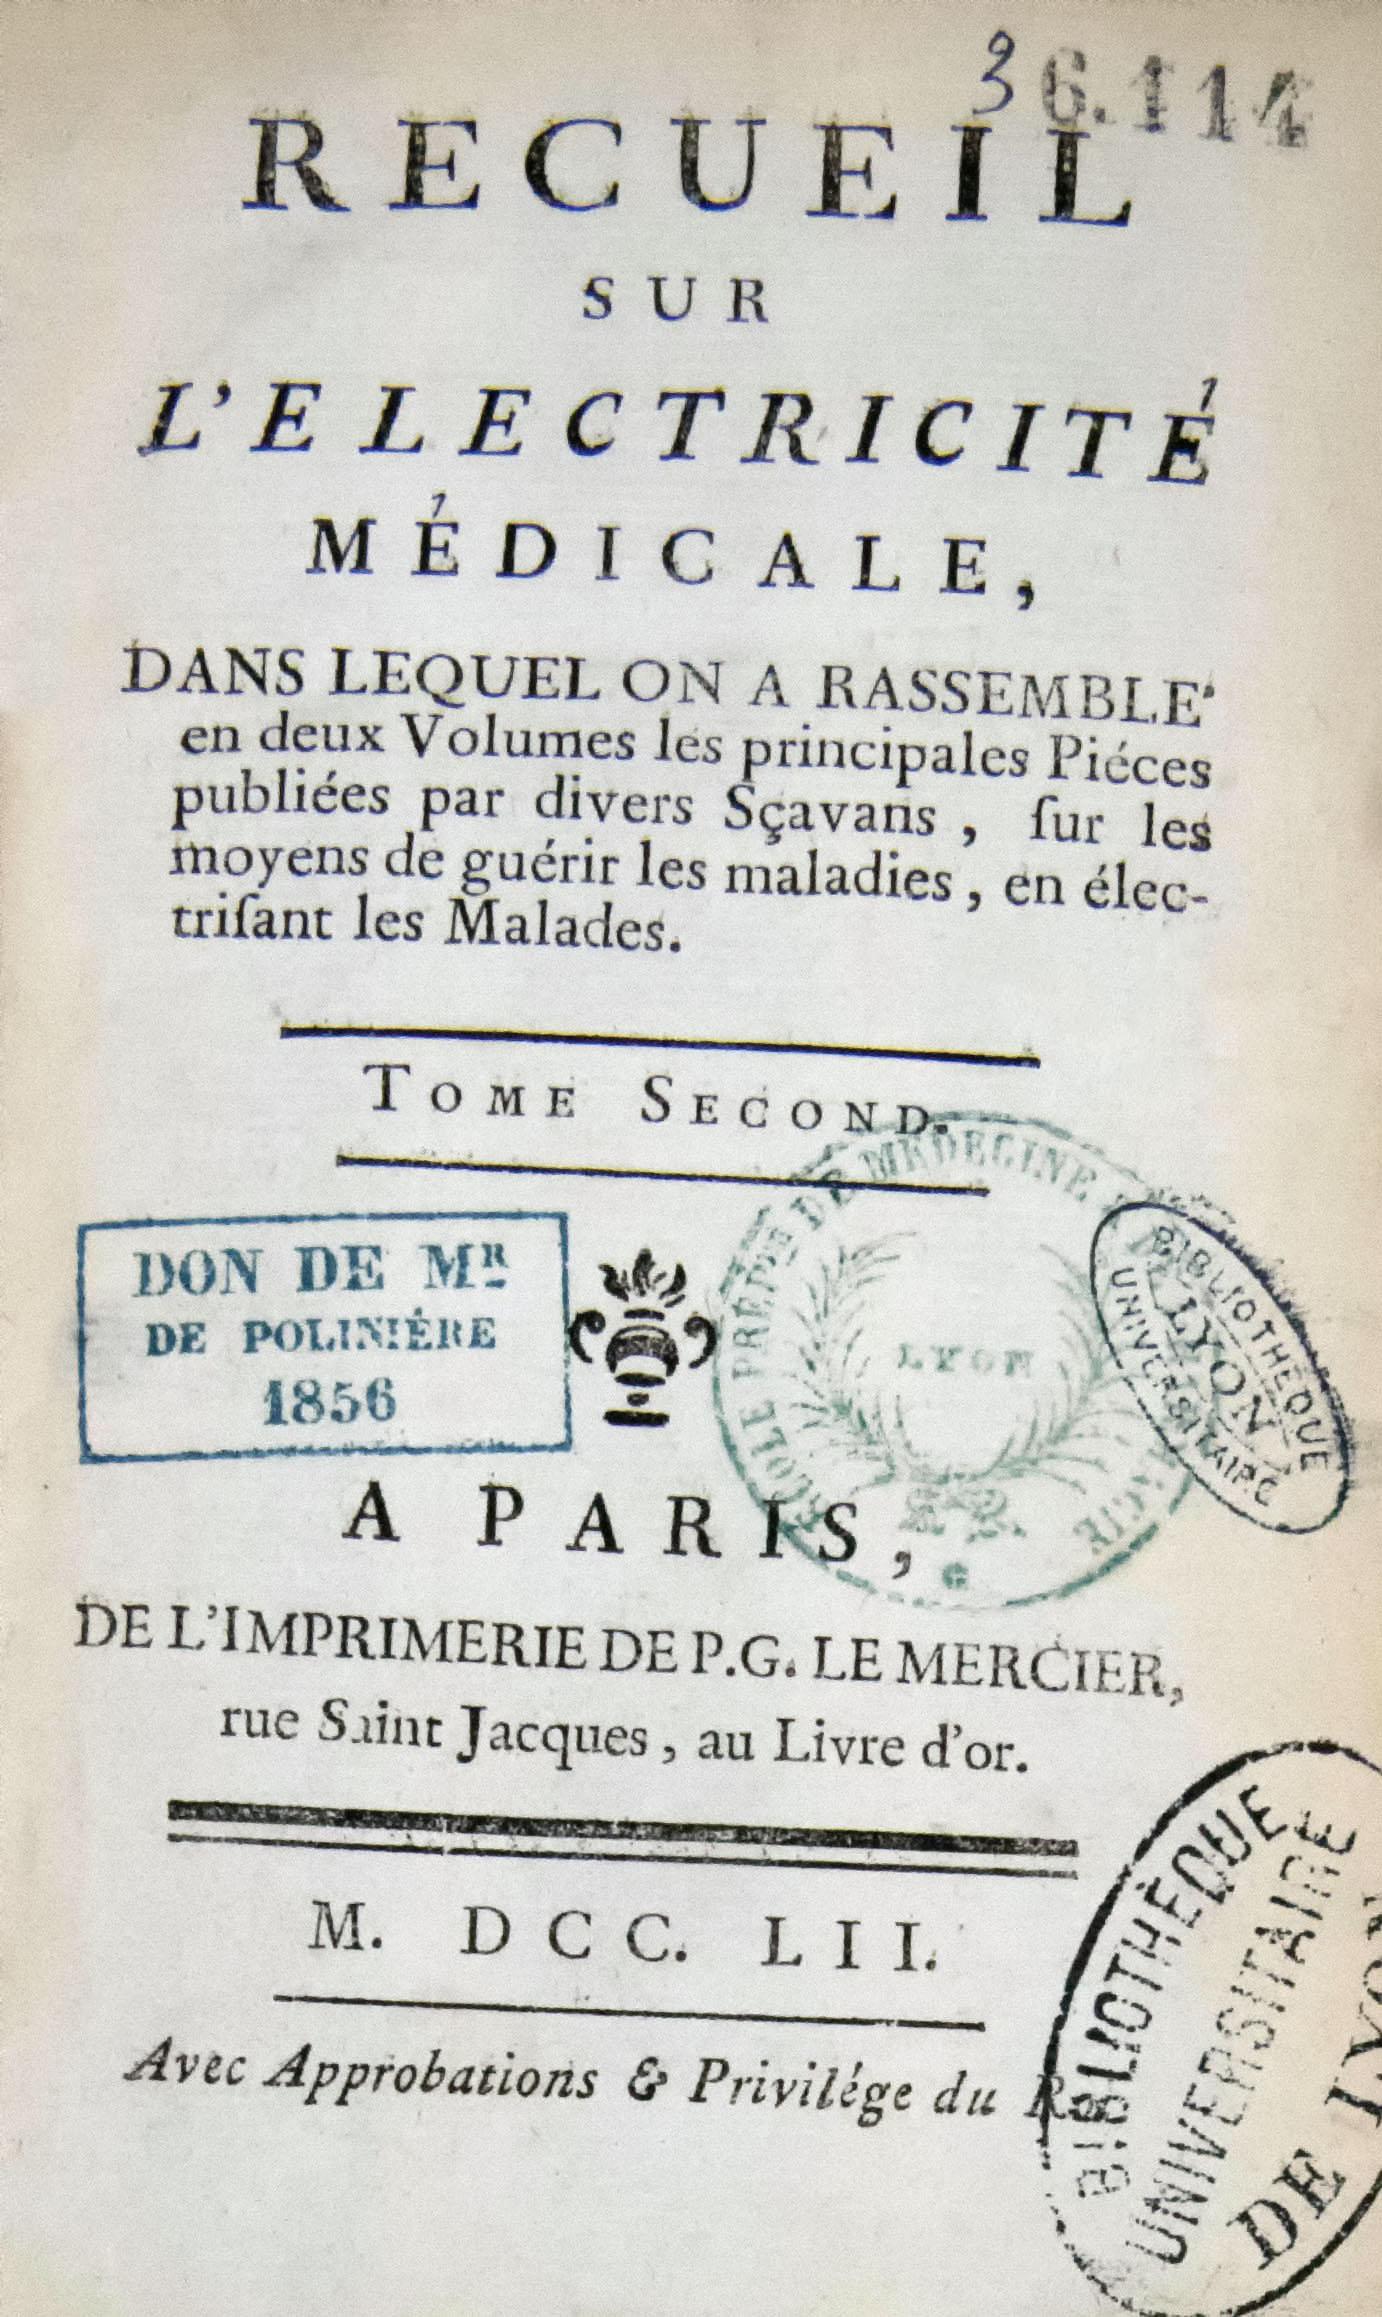 P.J.F de Polinière (6)